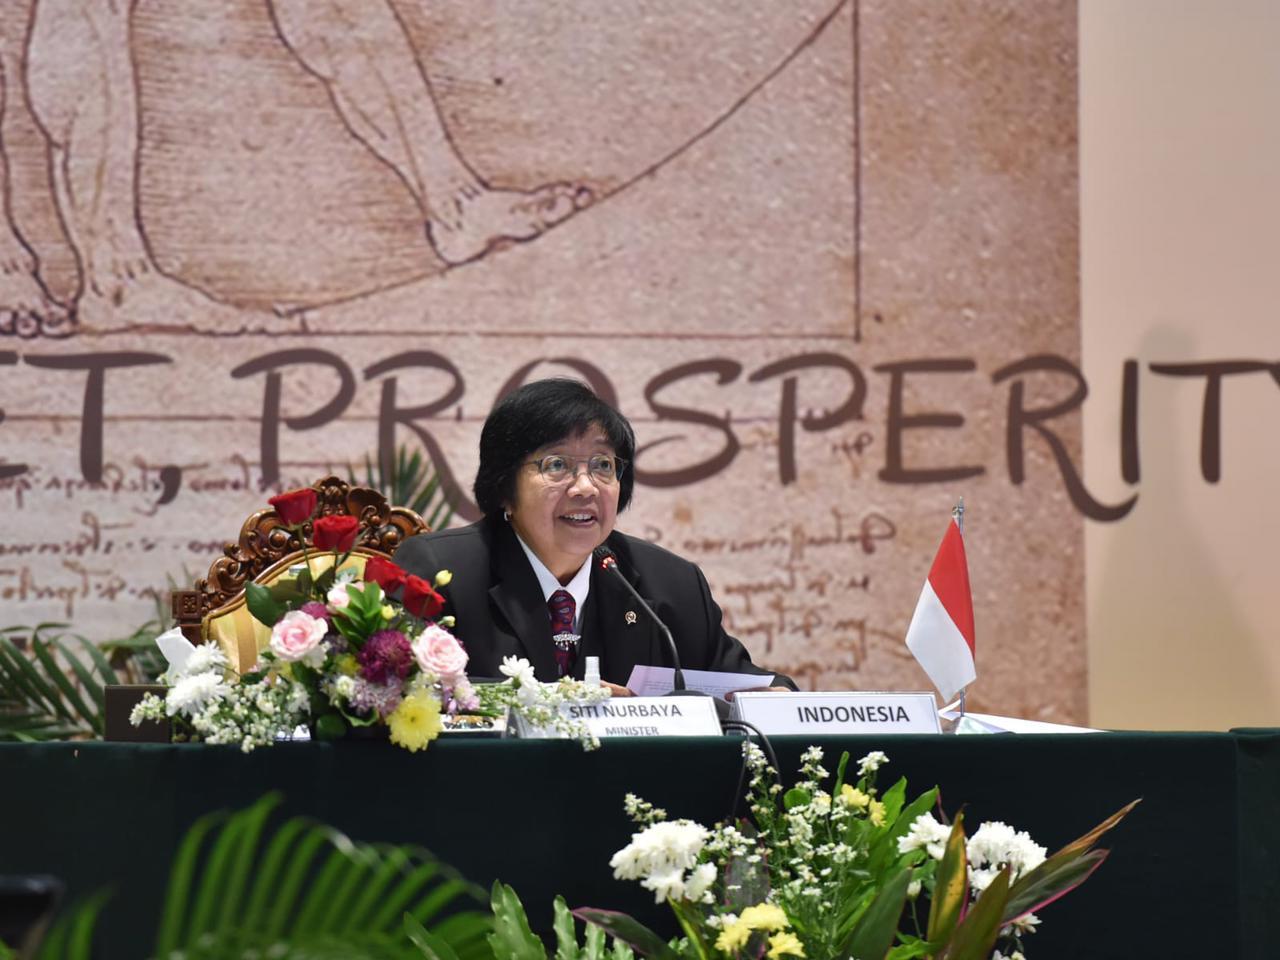 Pertemuan Menteri G20, Siti Nurbaya Sampaikan Program Pembangunan Kota Hijau